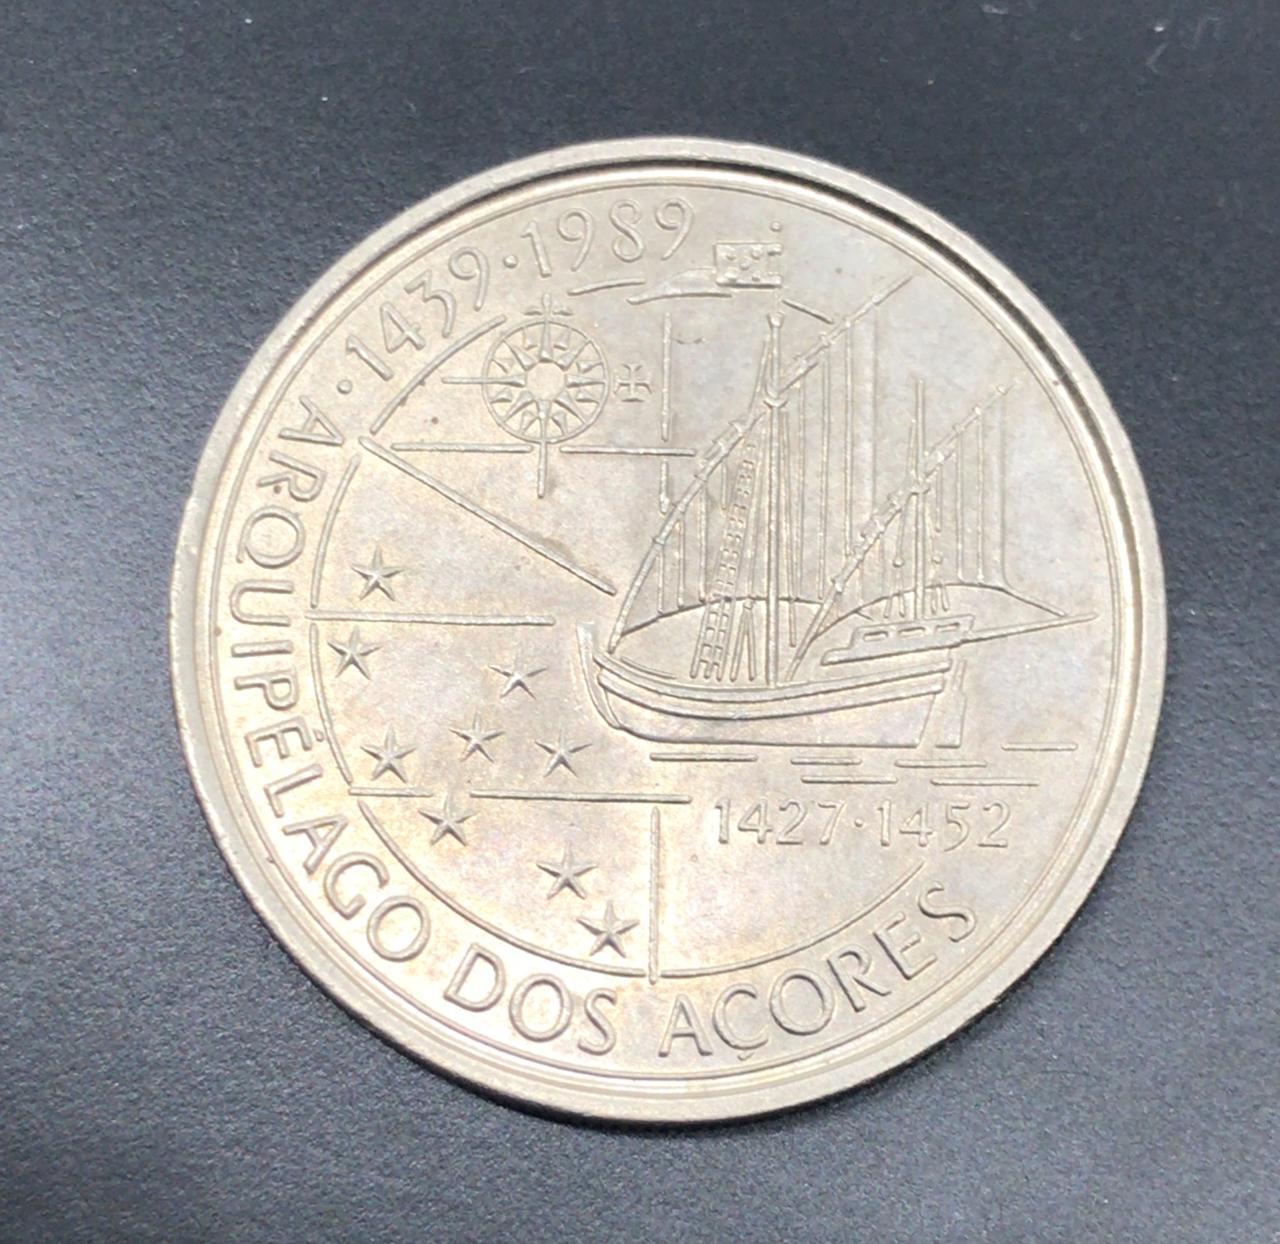 Moeda Portugal Arquipélago dos Açores 100 Escudos 1989 SOB